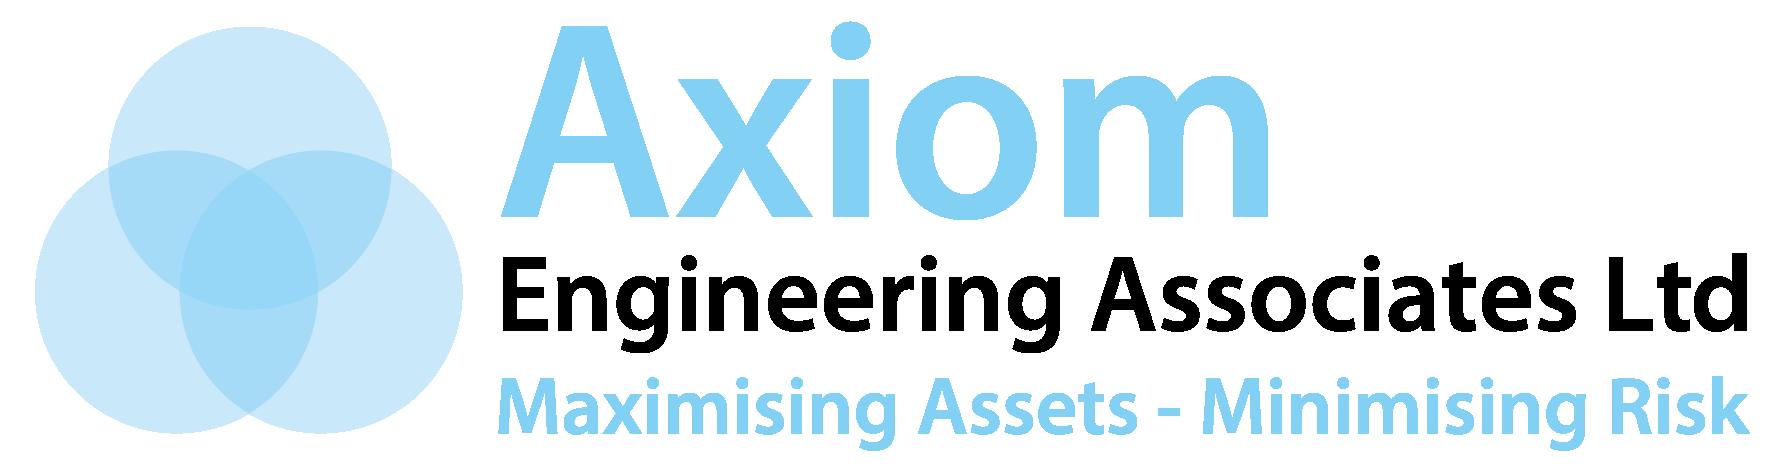 Axiom Engineering Associates